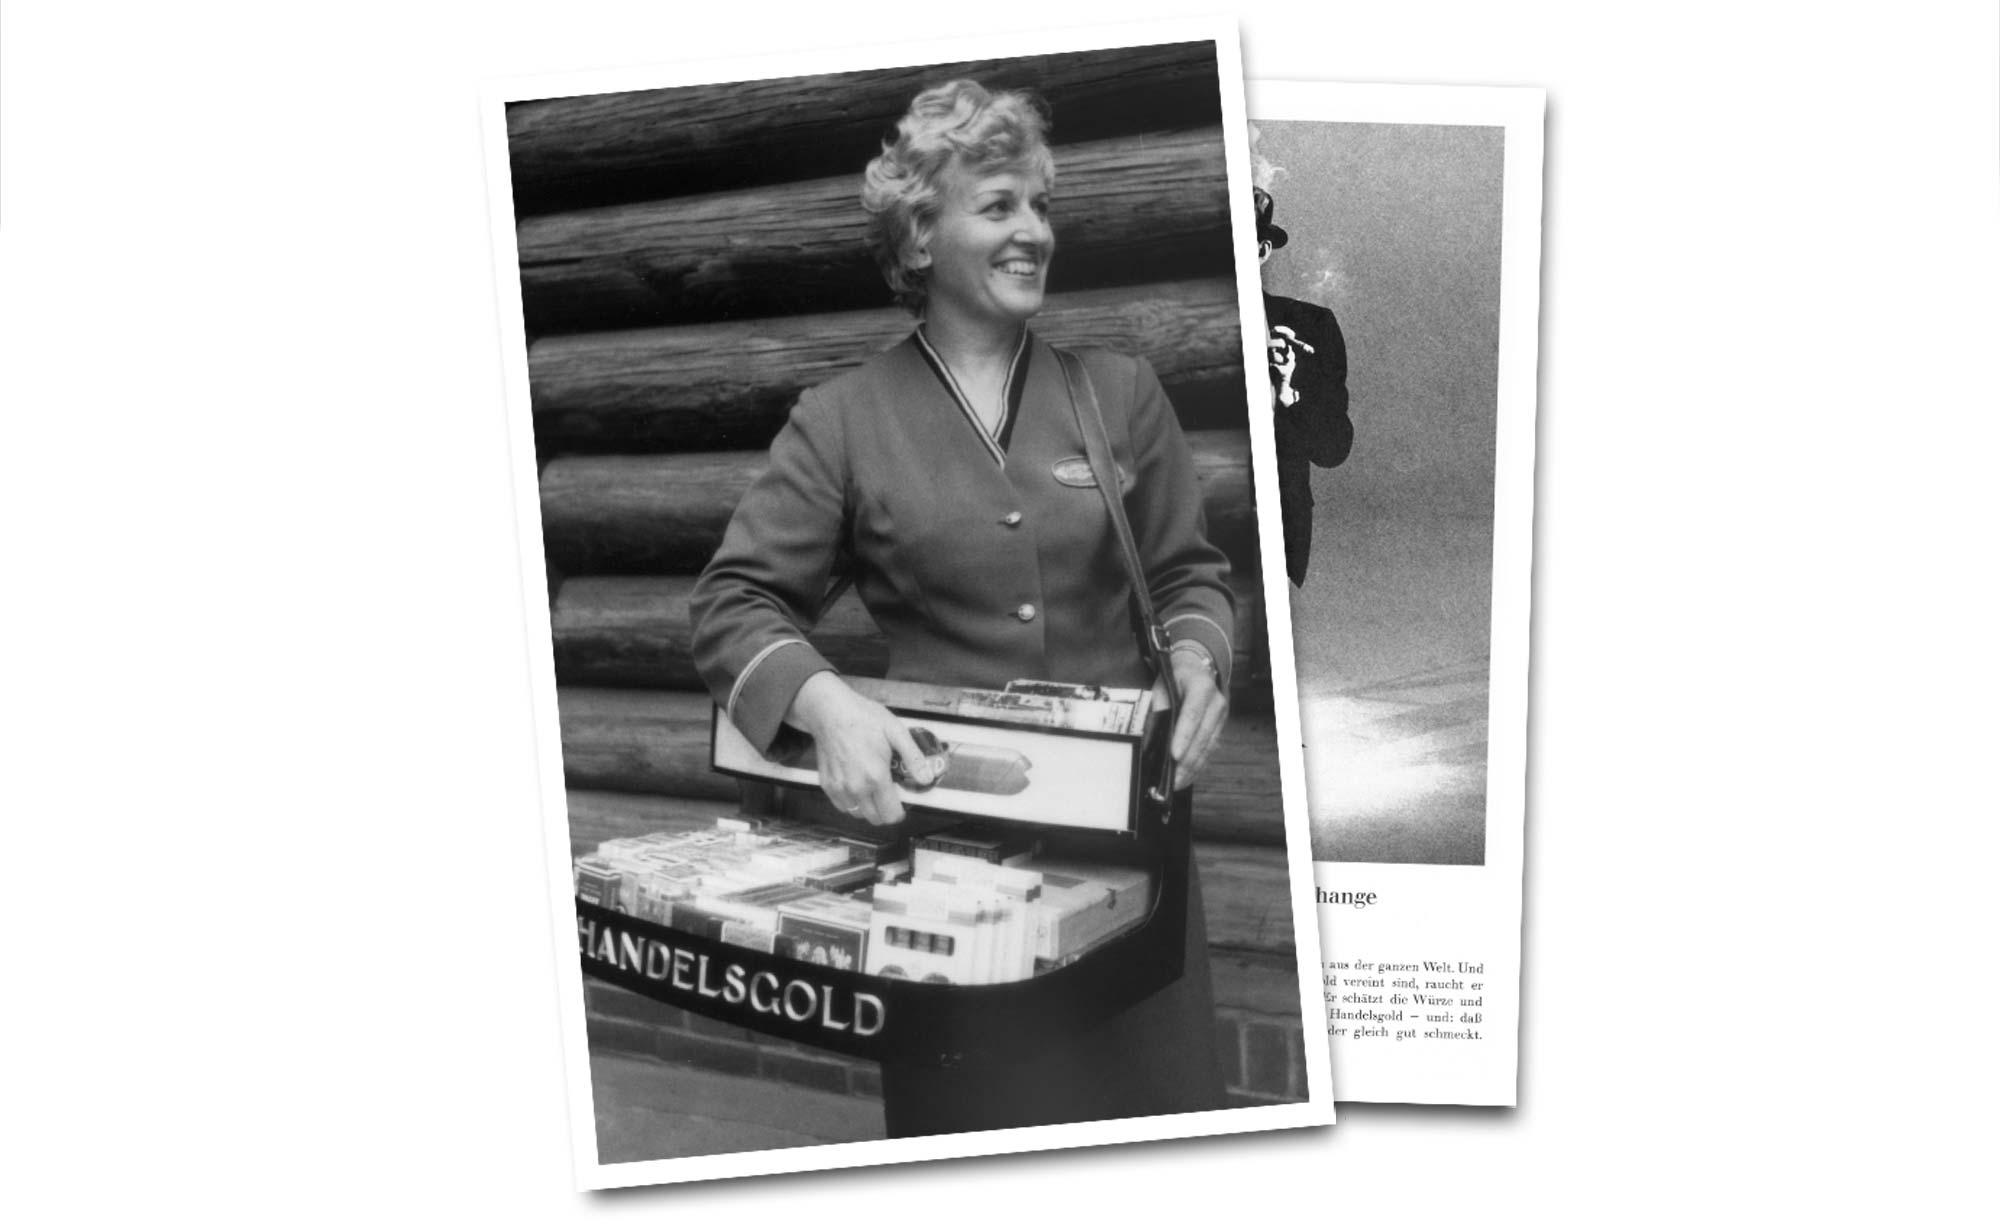 Bauchladenverkäuferin mit Handelsgold-Zigarren